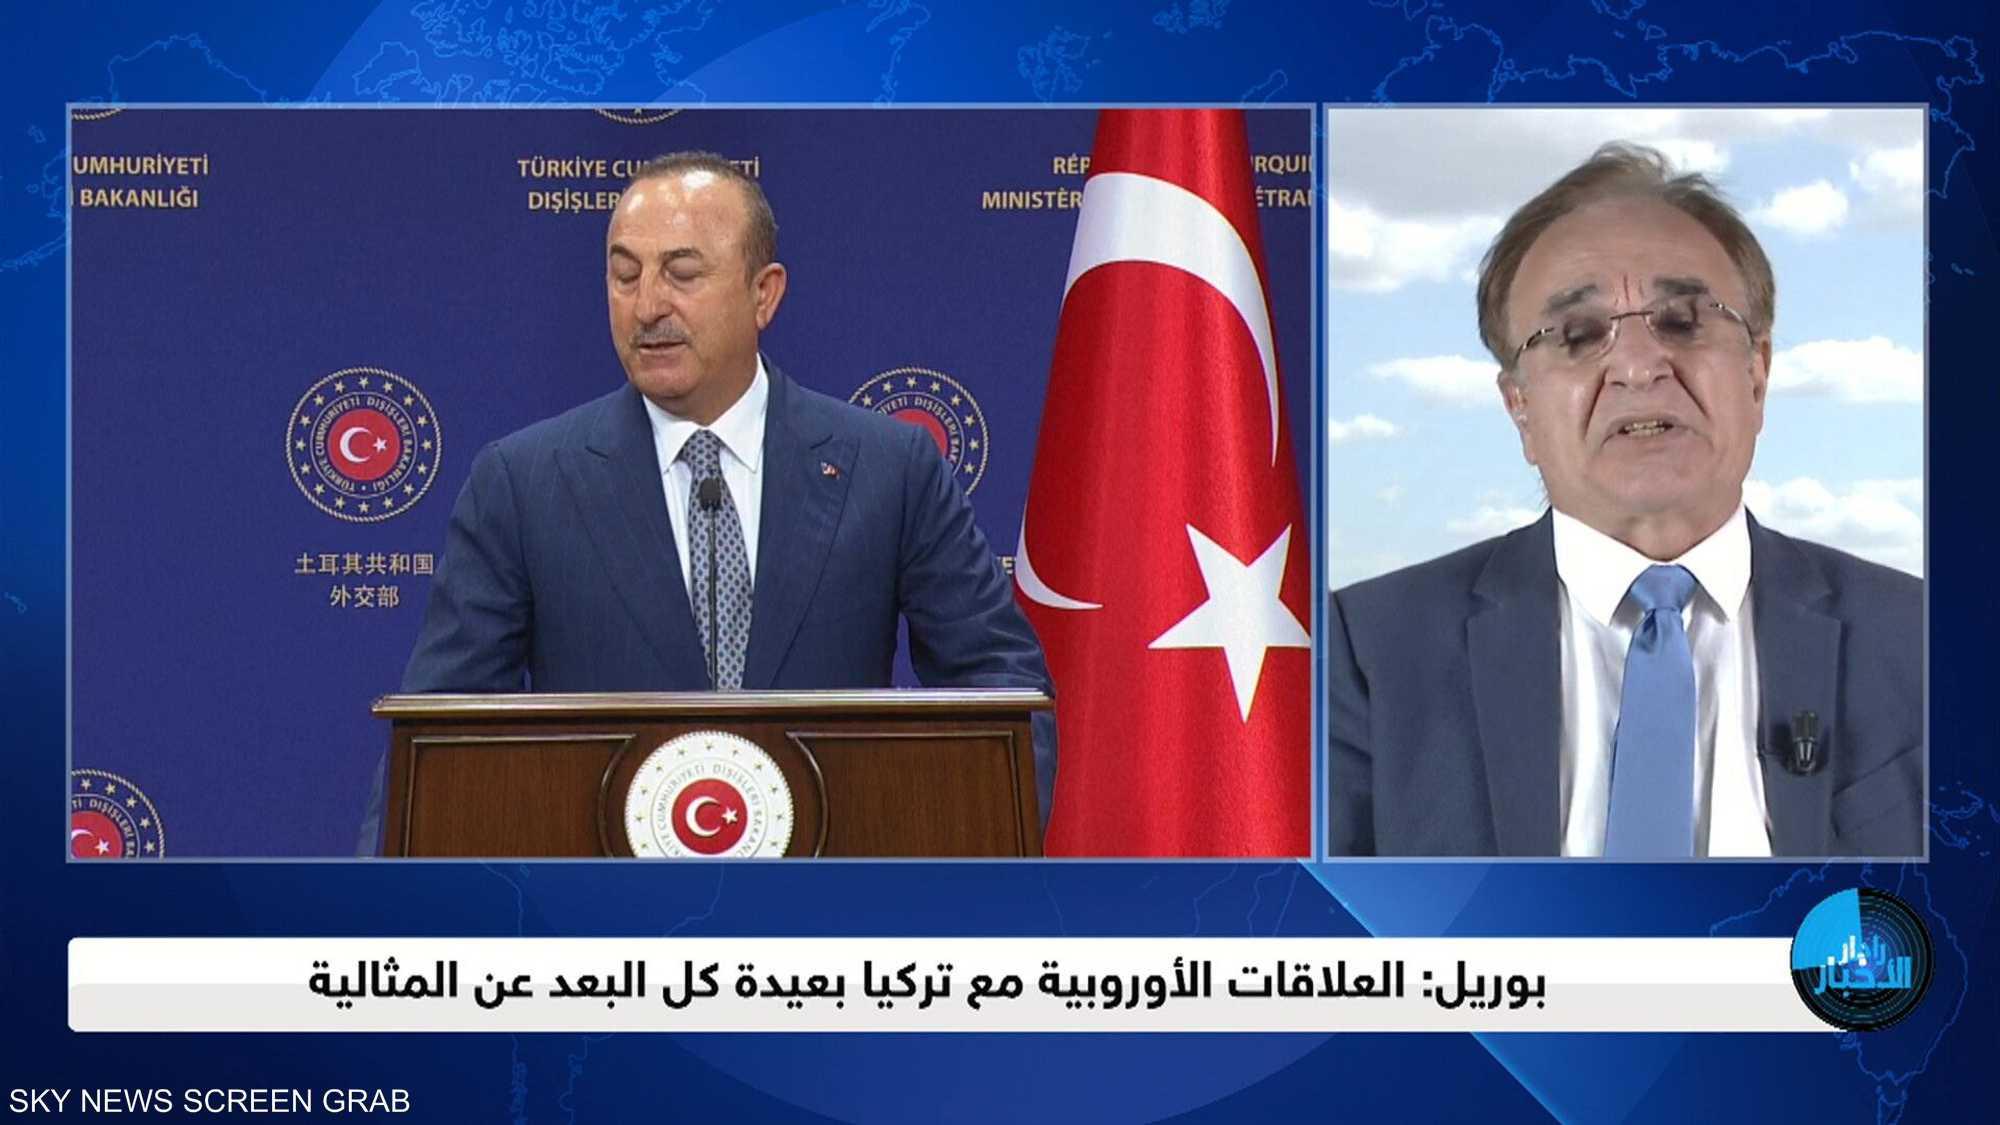 ممثل الاتحاد الأوروبي بحث في أنقرة توتر العلاقات مع تركيا